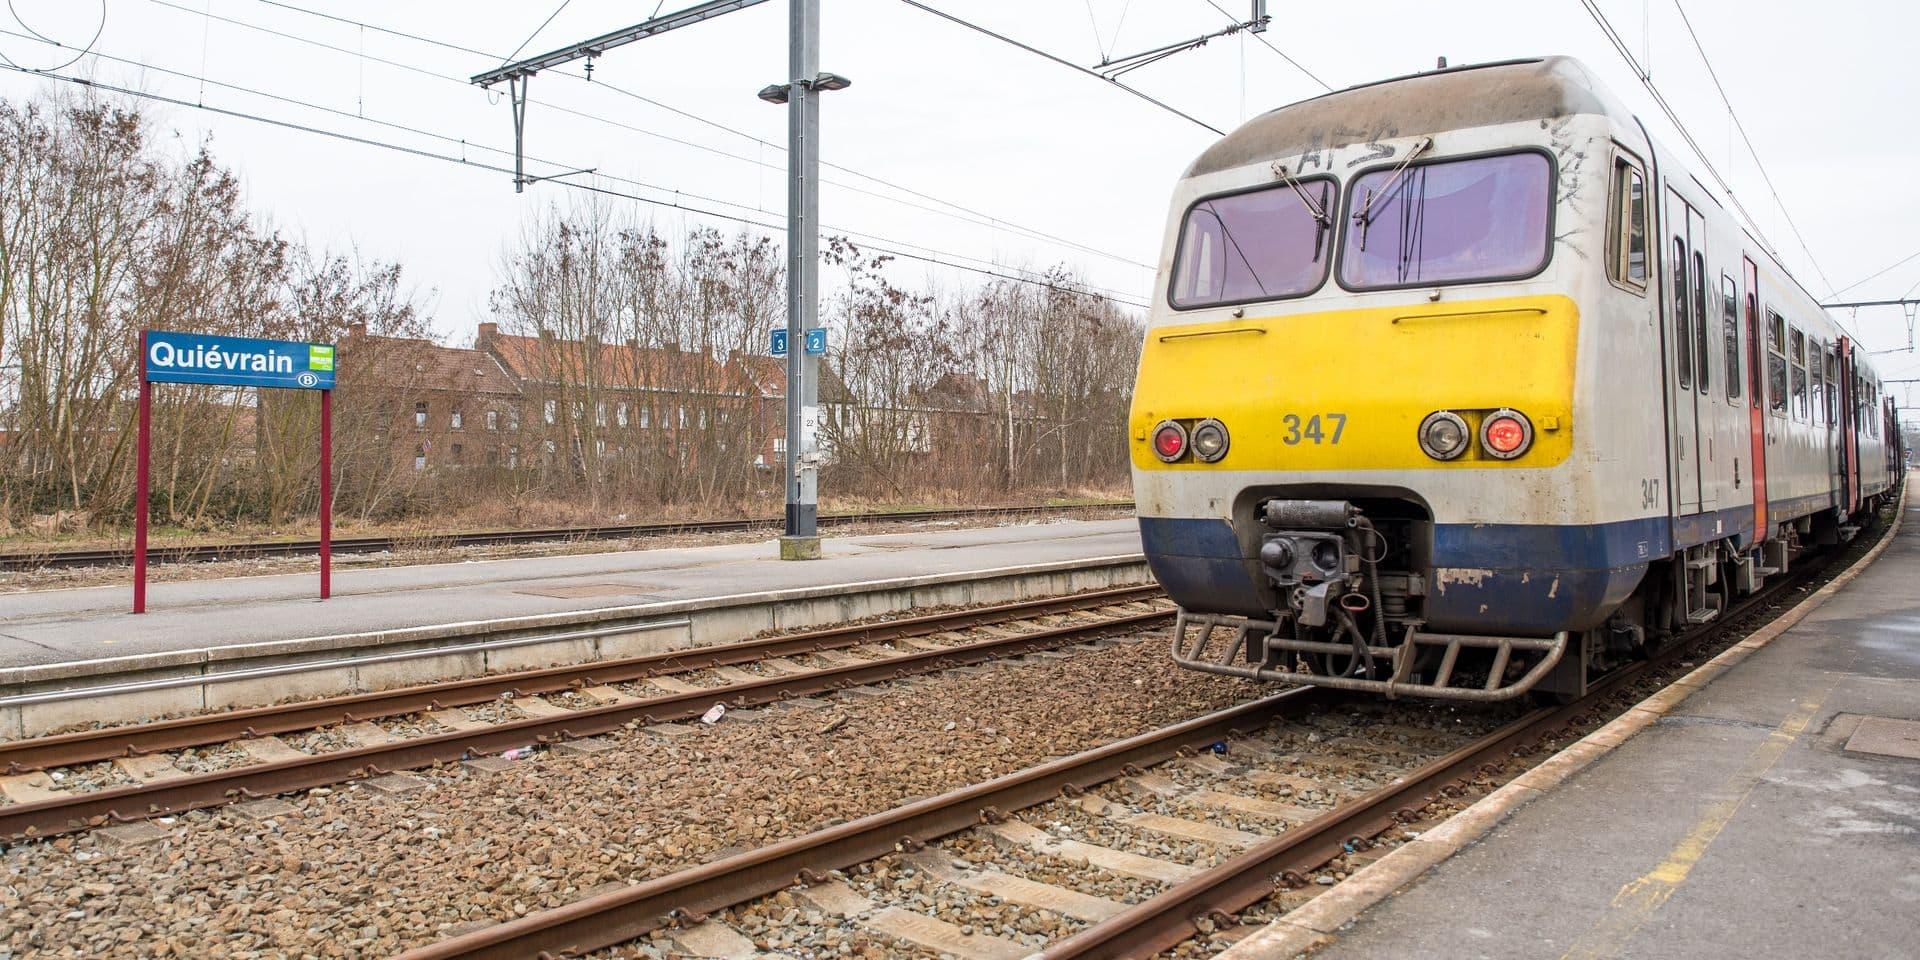 Réouverture de la ligne ferroviaire Valenciennes-Mons : ça bouge enfin du côté français